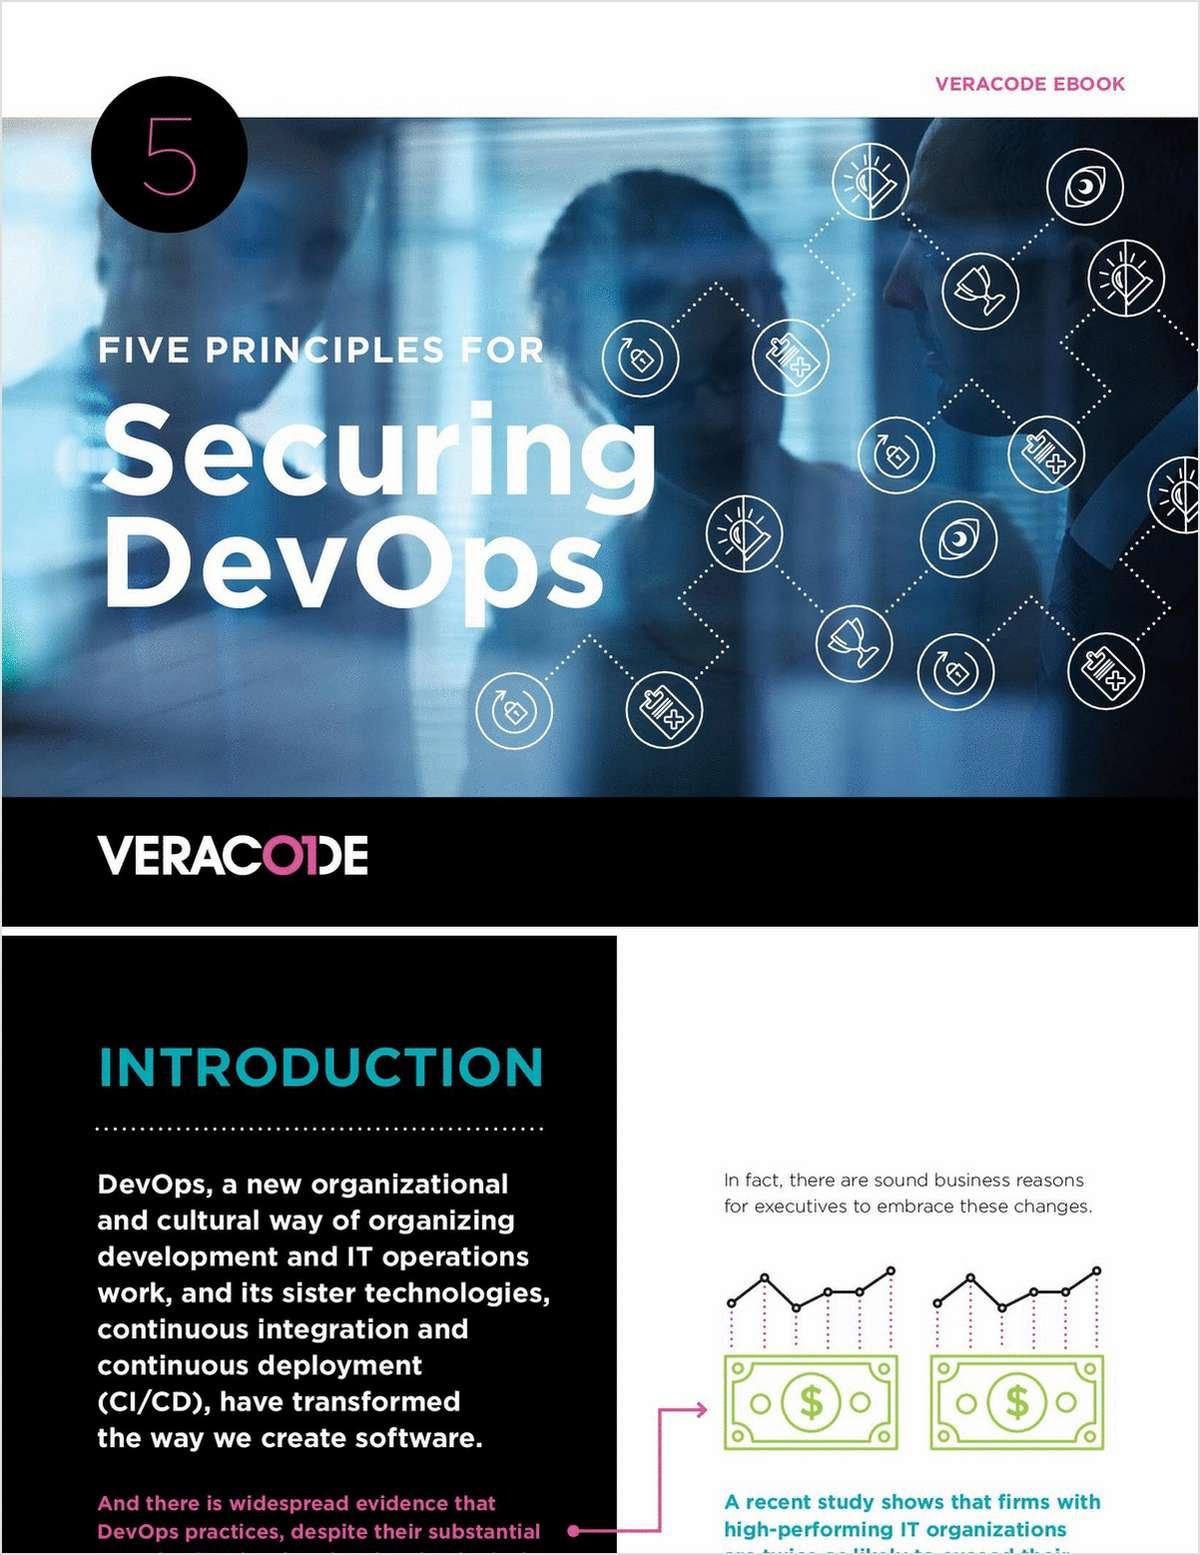 Five Principles for Securing DevOps